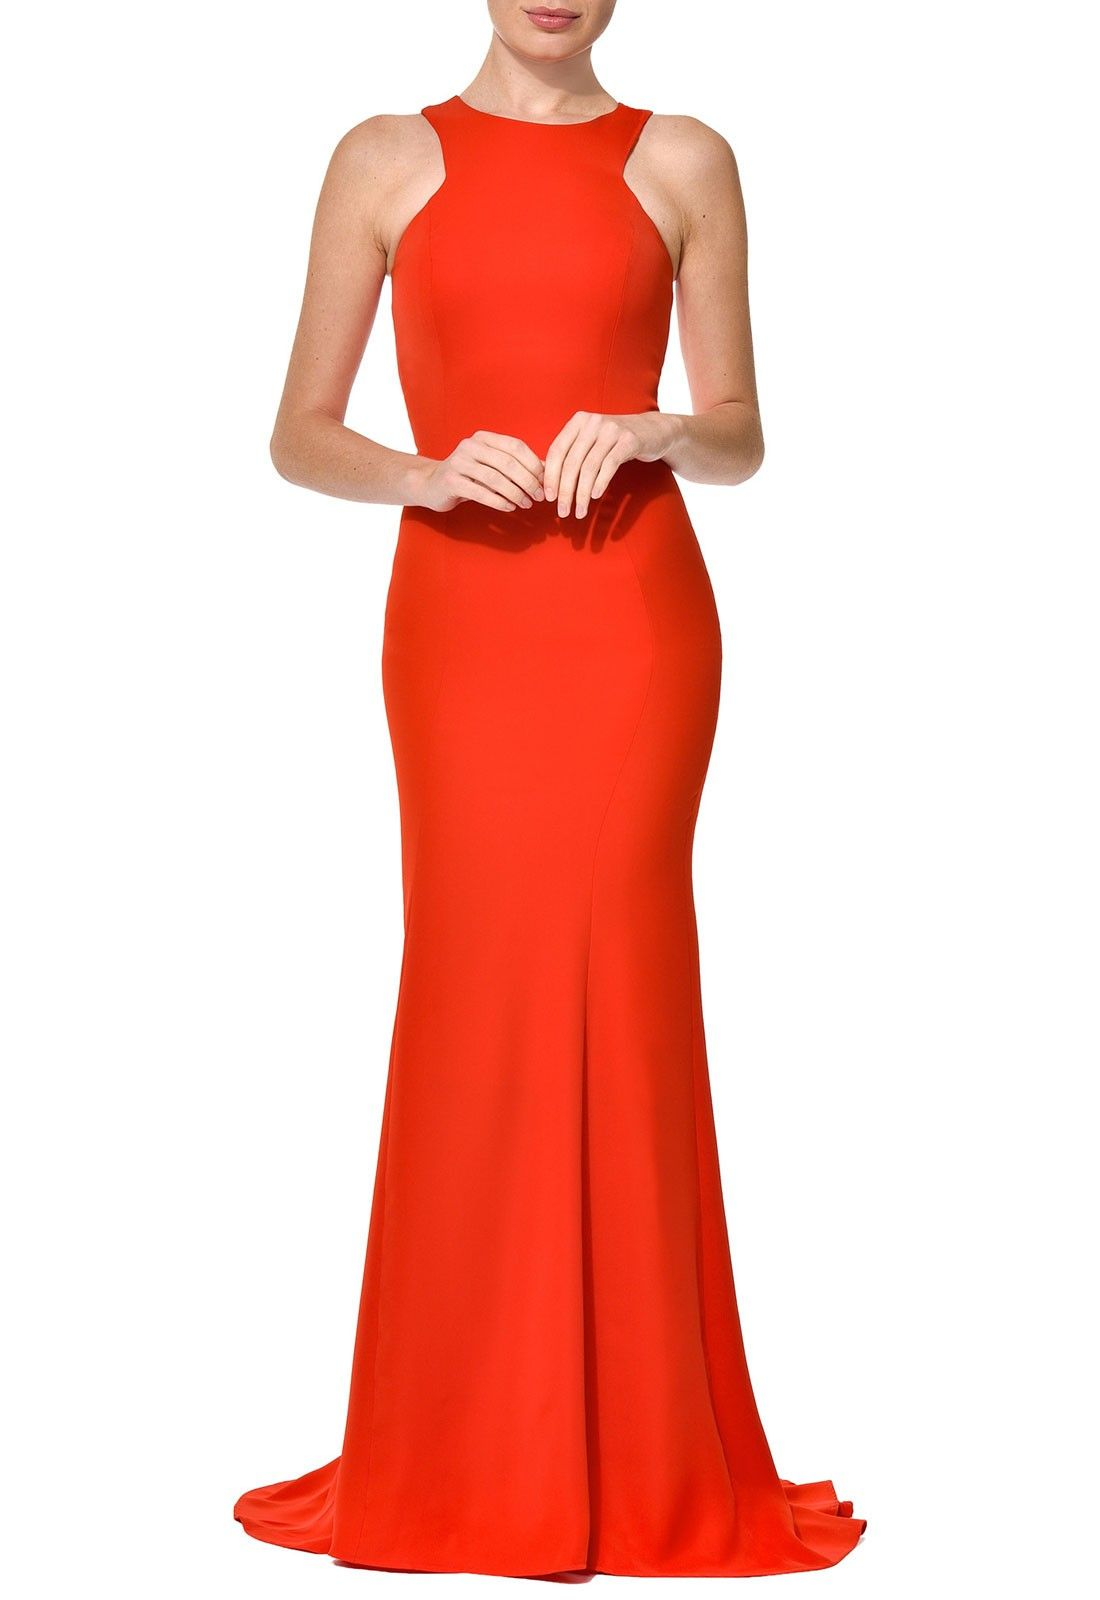 Nadine merabi amie fishtail maxi dress in red lust fishtail lbd